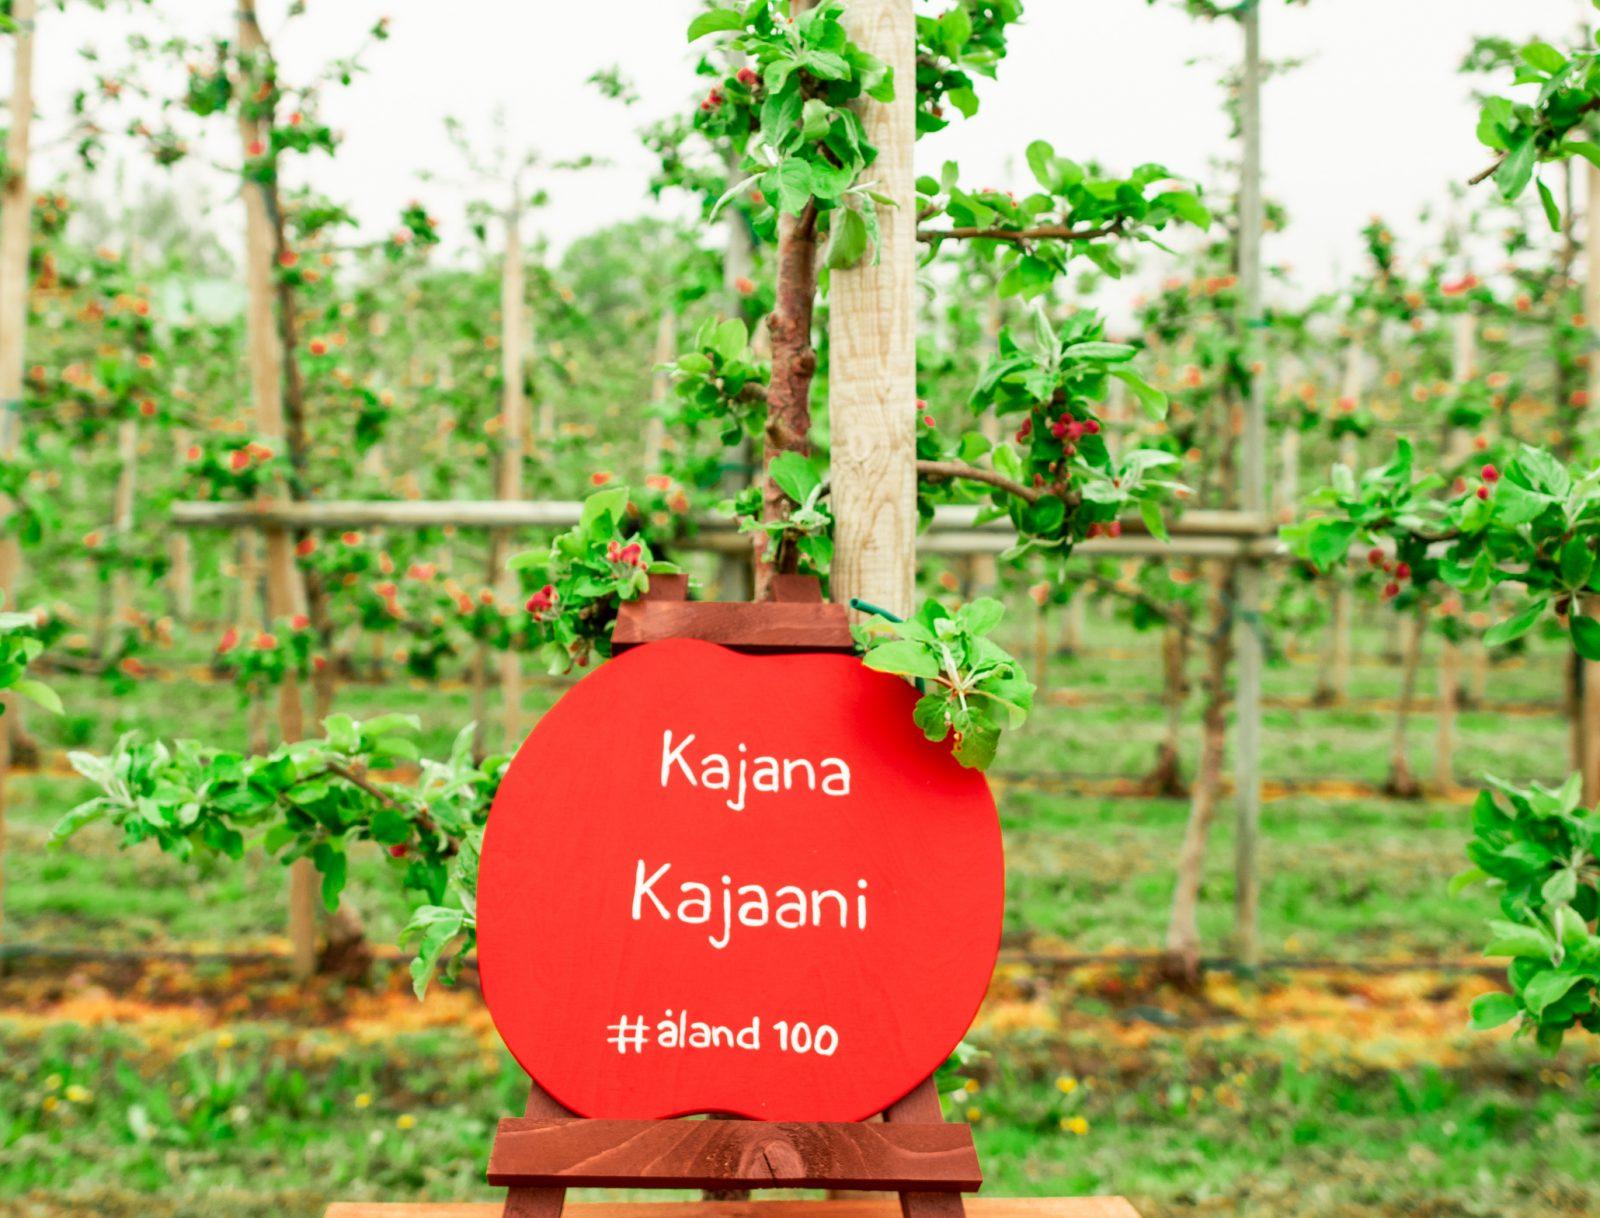 Ahvenanmaan Kajaanille lahjoittama omenapuu